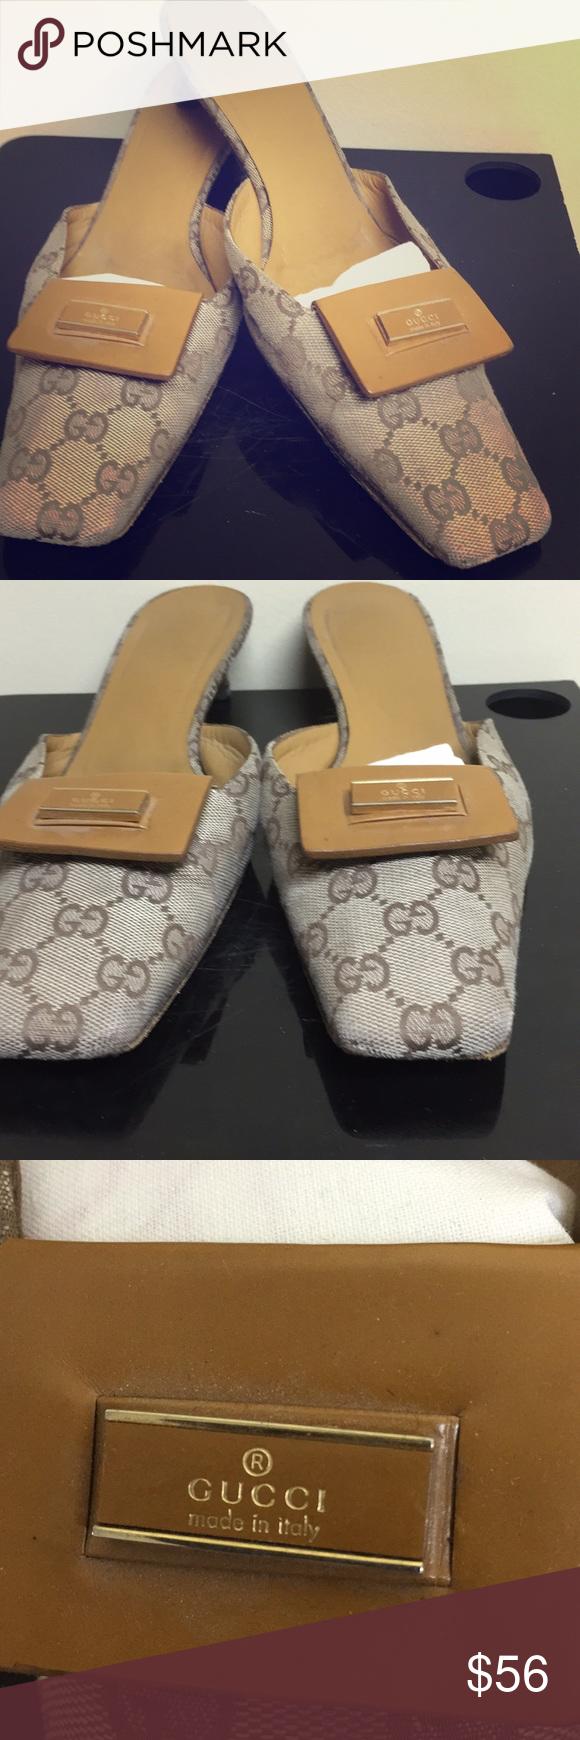 Women's Vintage Gucci Mule shoes tan